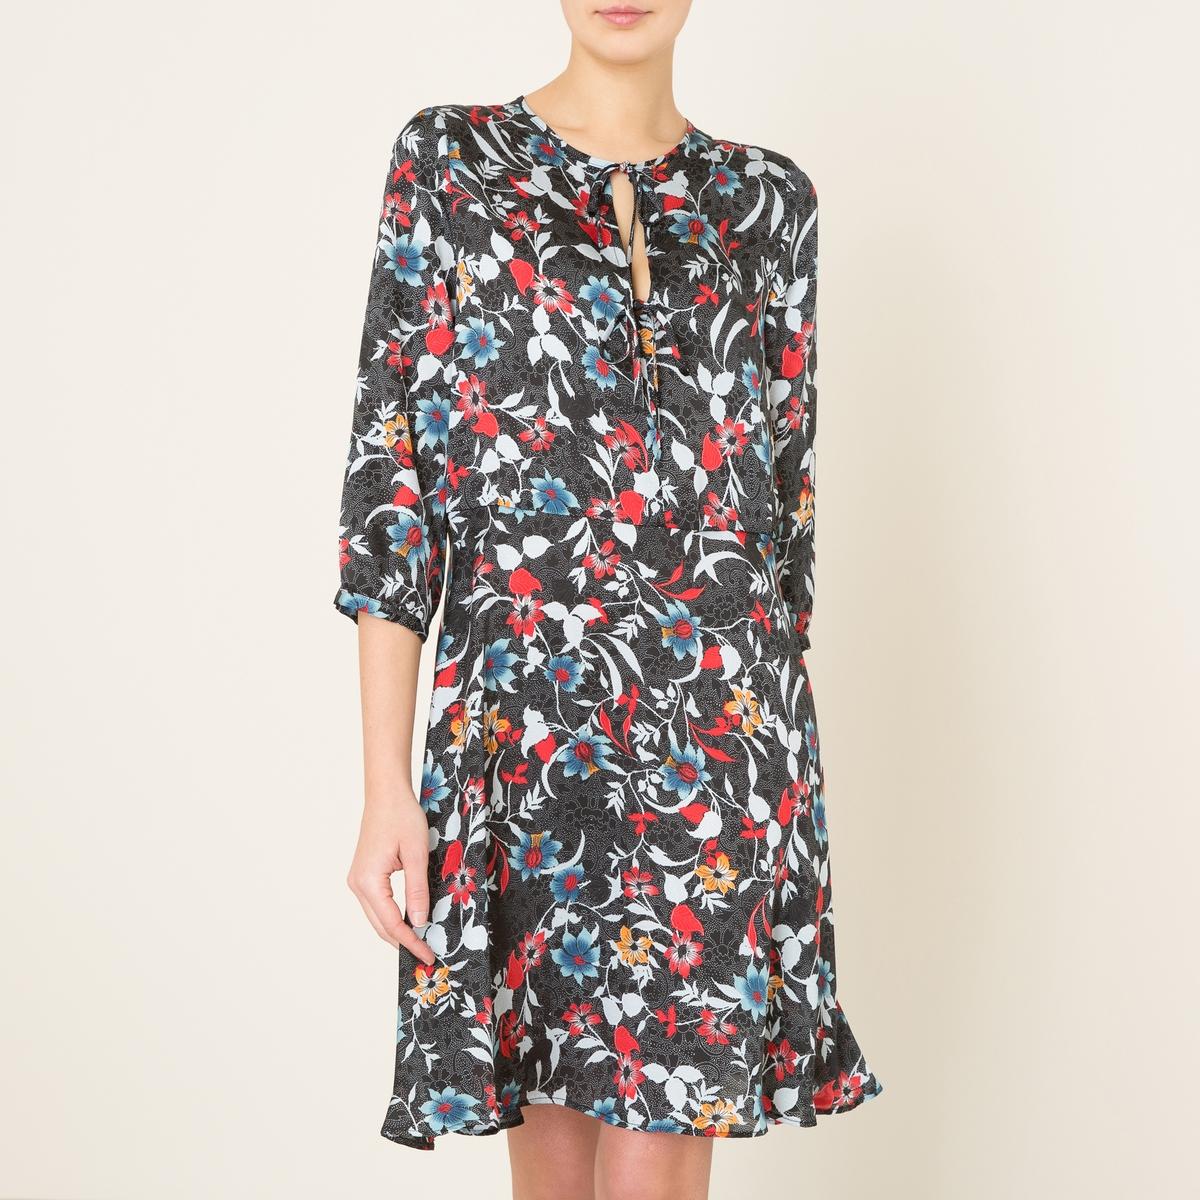 Платье DELTAСостав и описание Материал : 100% полиэстерДлина :  ок. 110 см. для размера 36Марка : LA BRAND BOUTIQUE<br><br>Цвет: рисунок черный<br>Размер: XL.L